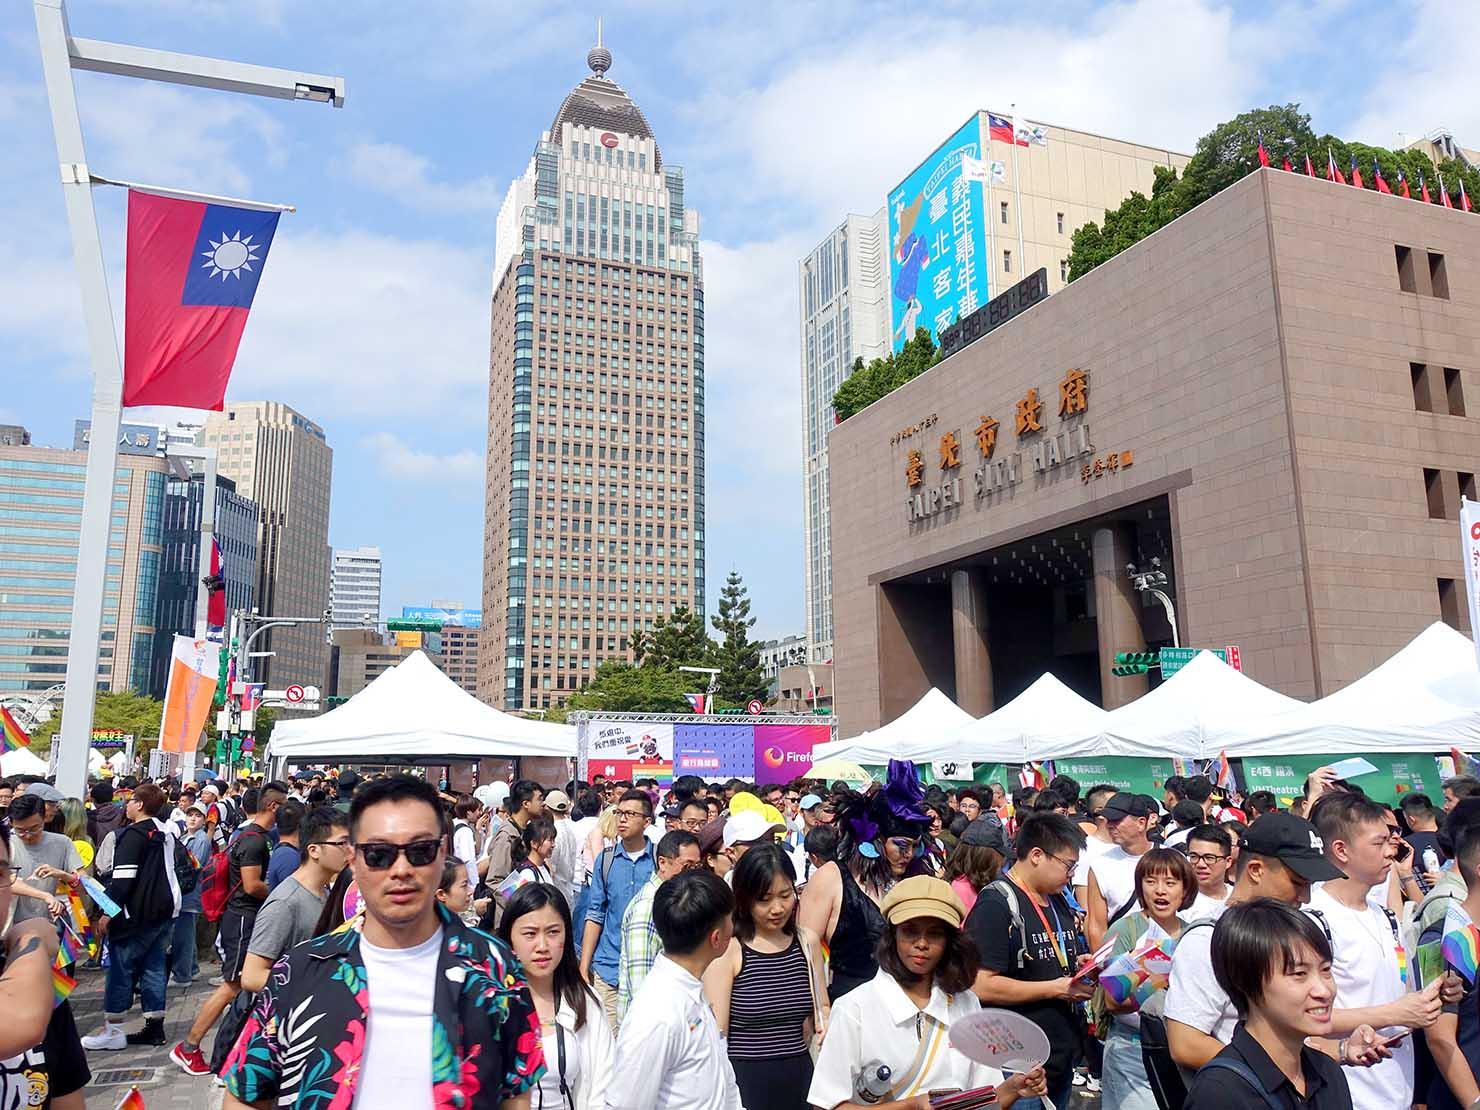 台灣同志遊行(台湾LGBTプライド)2019会場のブース前に集まる参加者たち